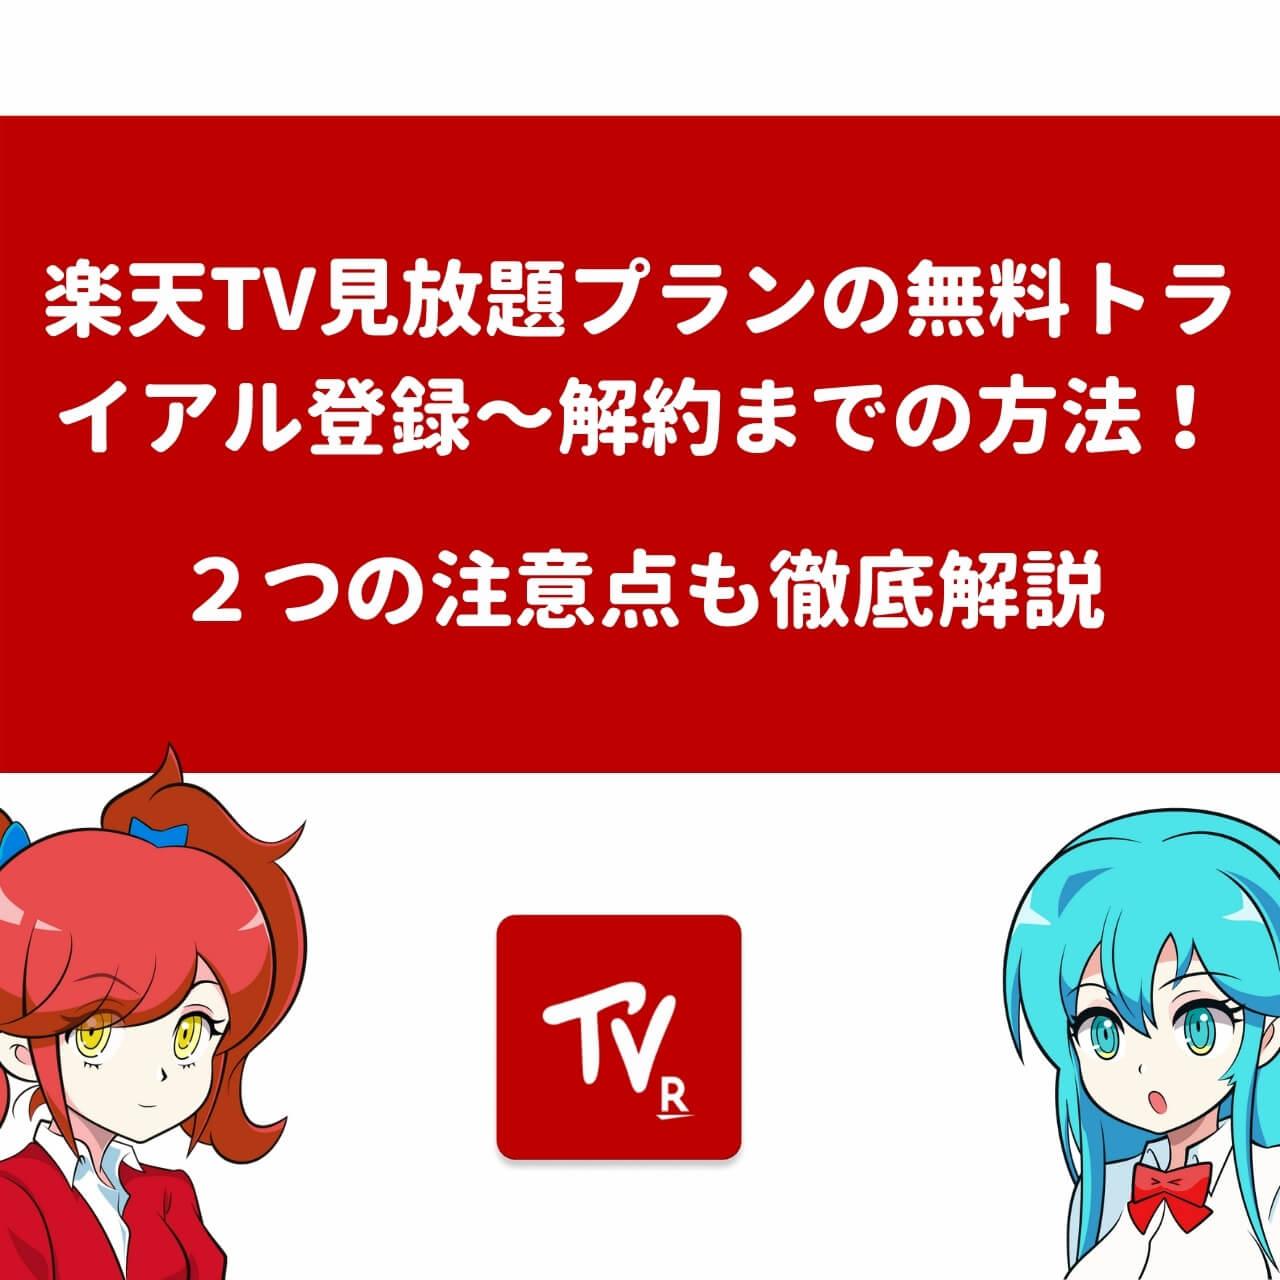 楽天TVの無料トライアルの方法